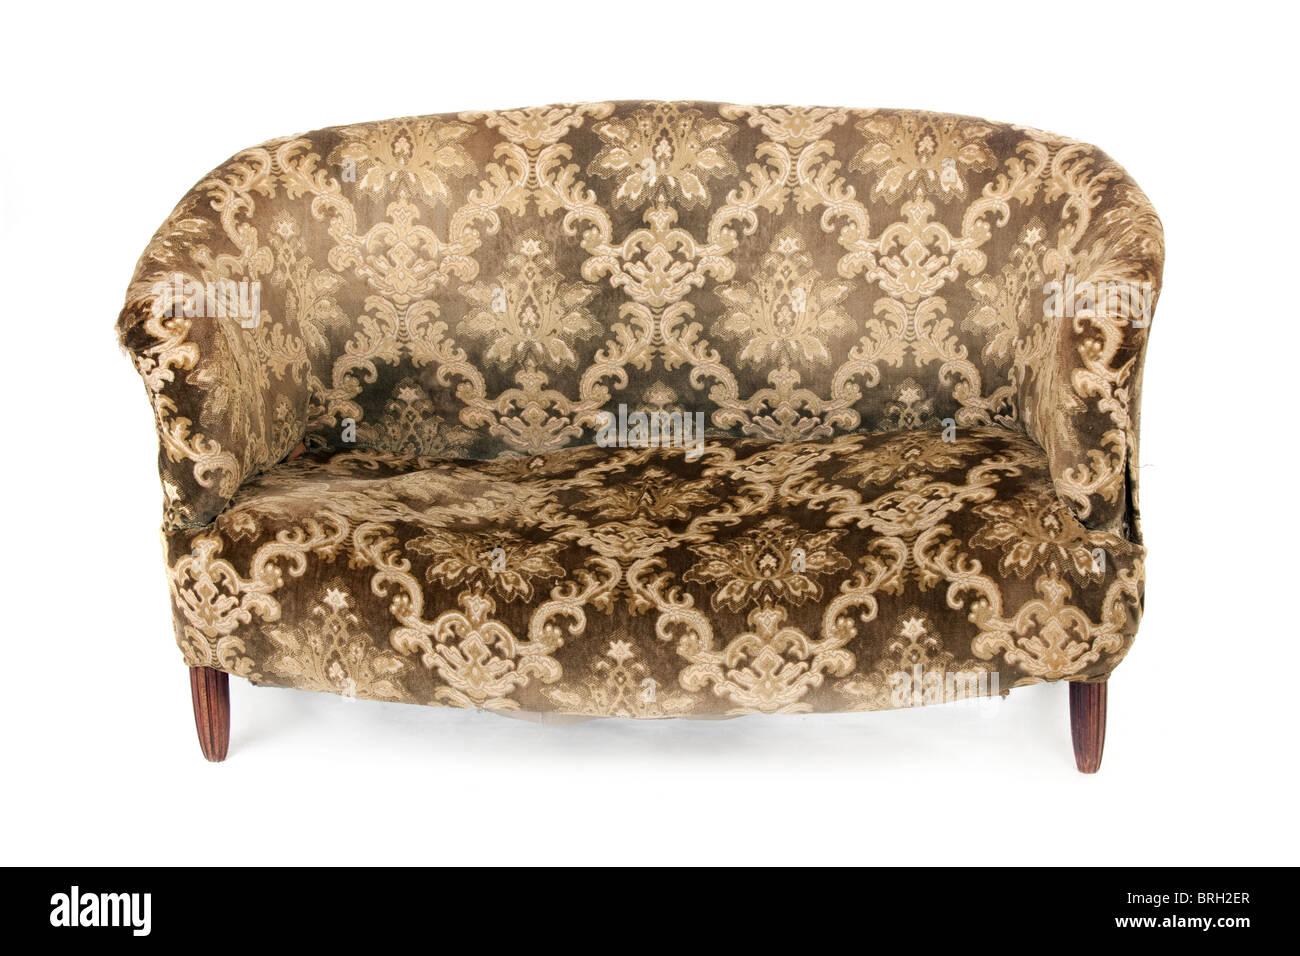 Old Fashioned Retro Sofa Isolated On White Background